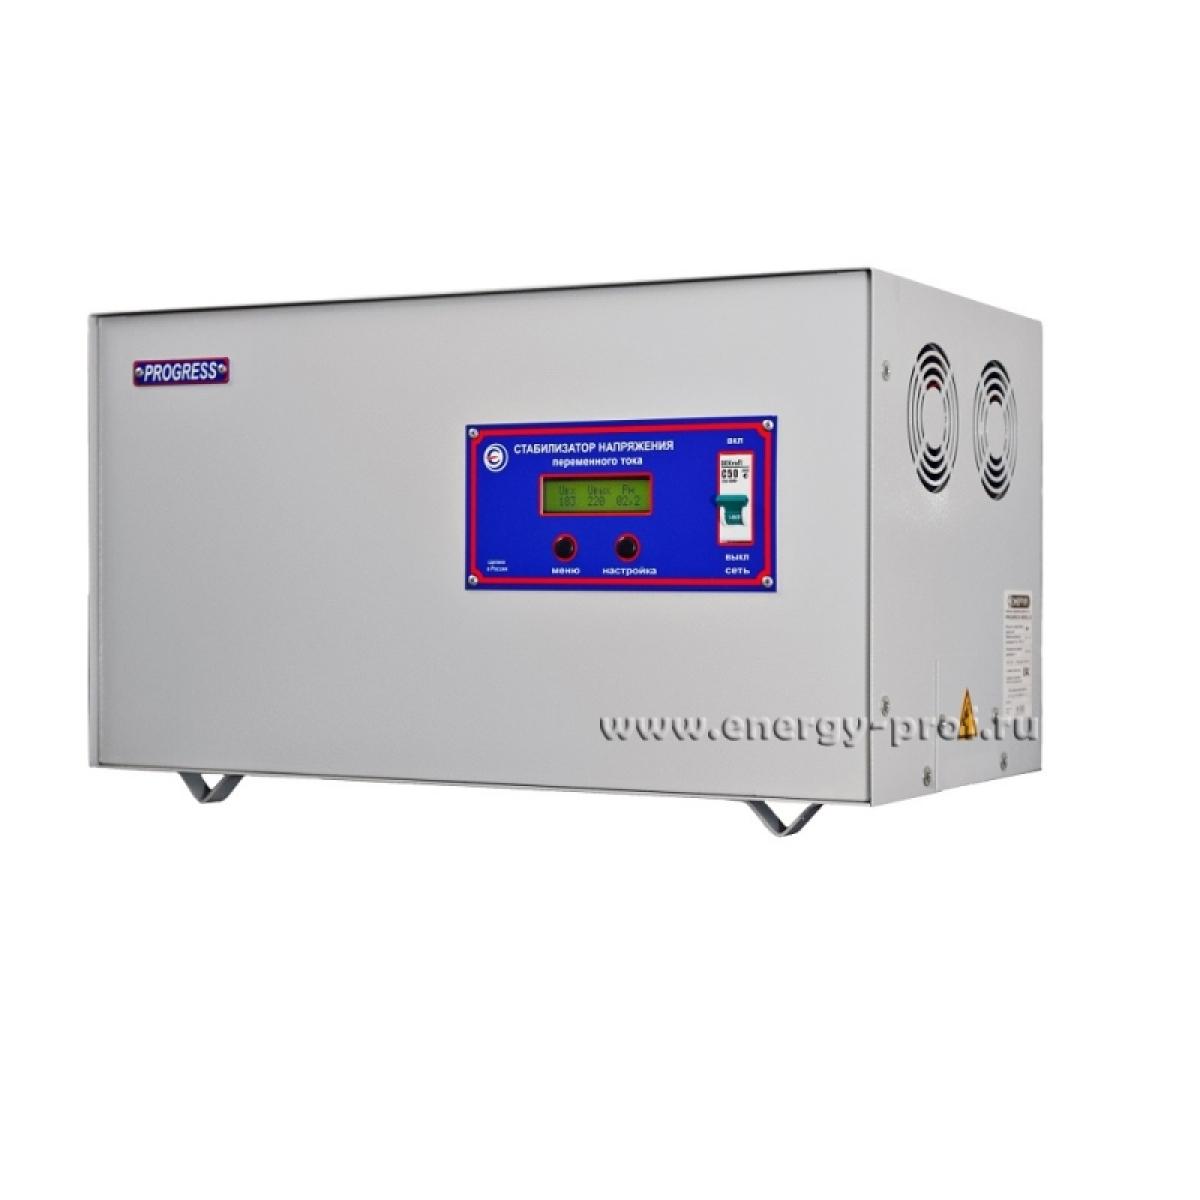 Однофазный стабилизатор PROGRESS 8000T